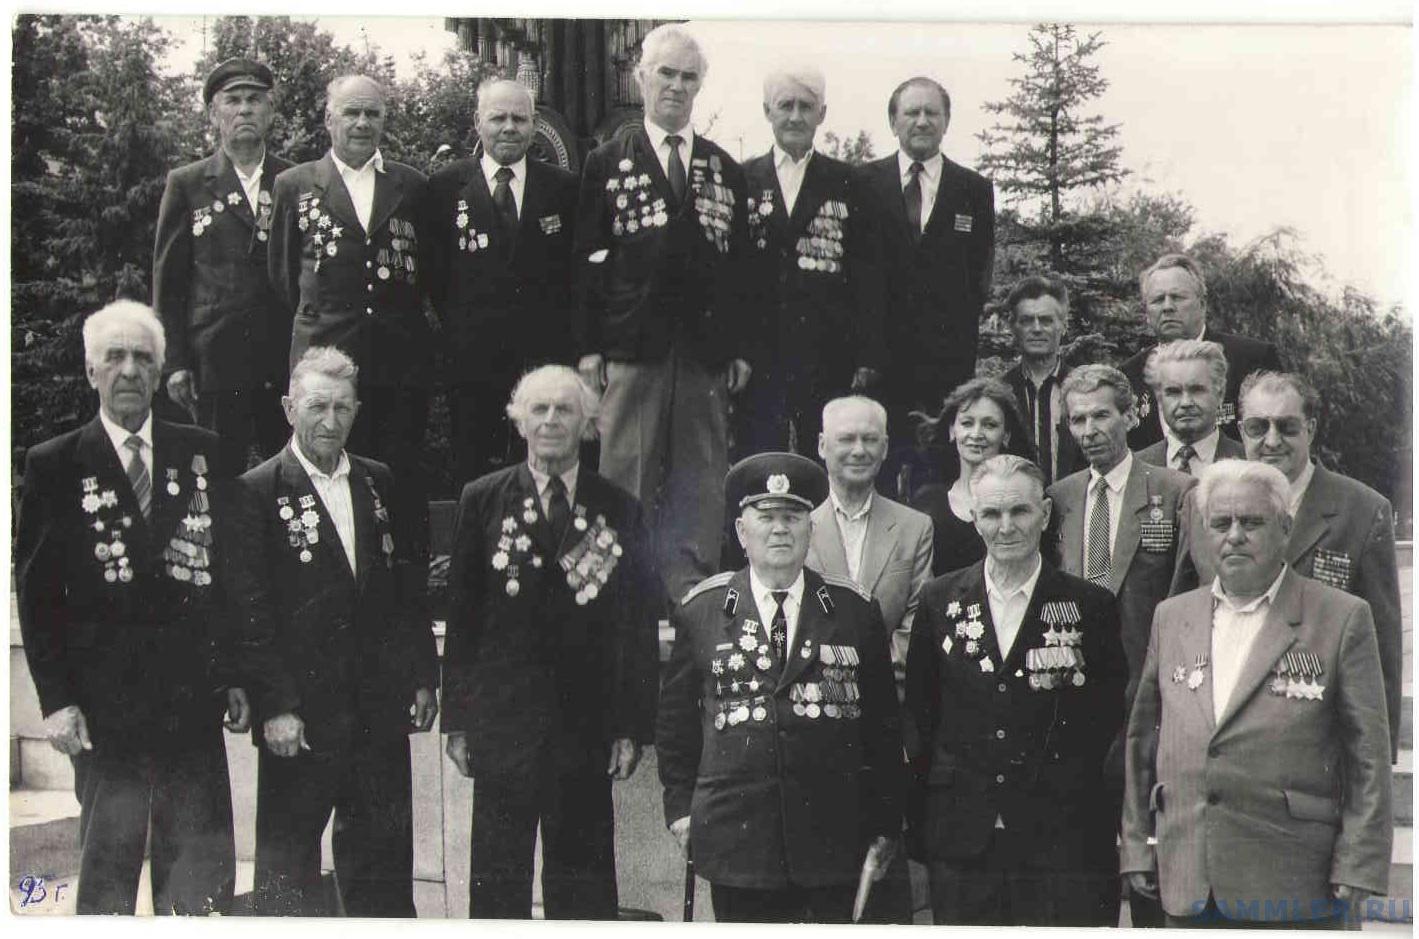 Страницы из встречи ветеранов-2.jpg